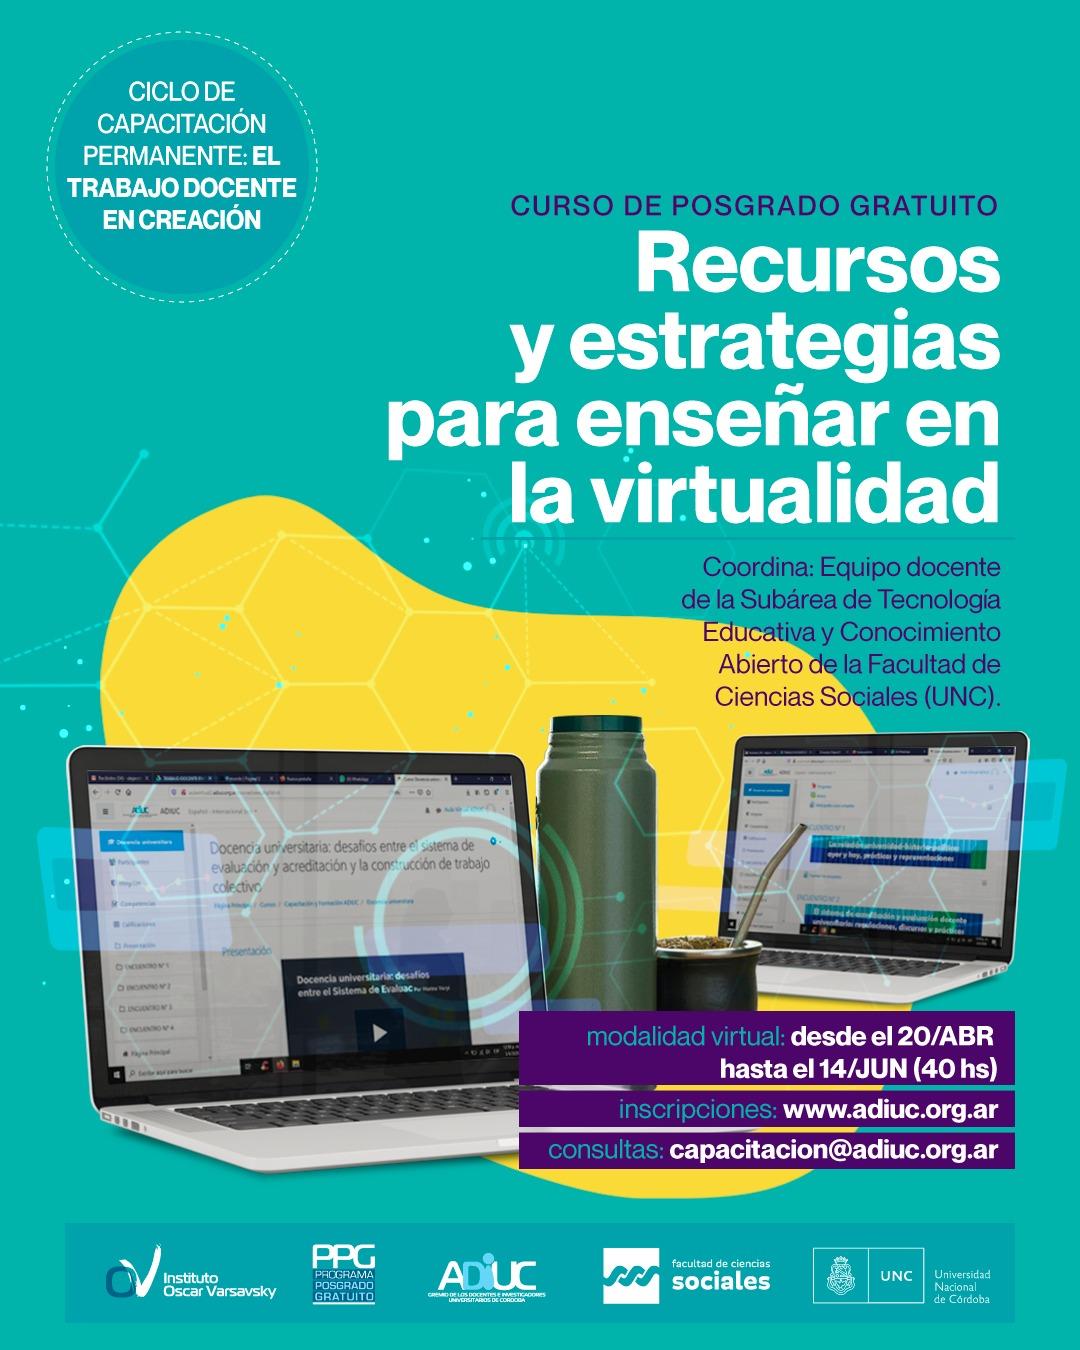 Recursos Y Estrategias Para Enseñar En La Virtualidad   Curso De Posgrado Gratuito